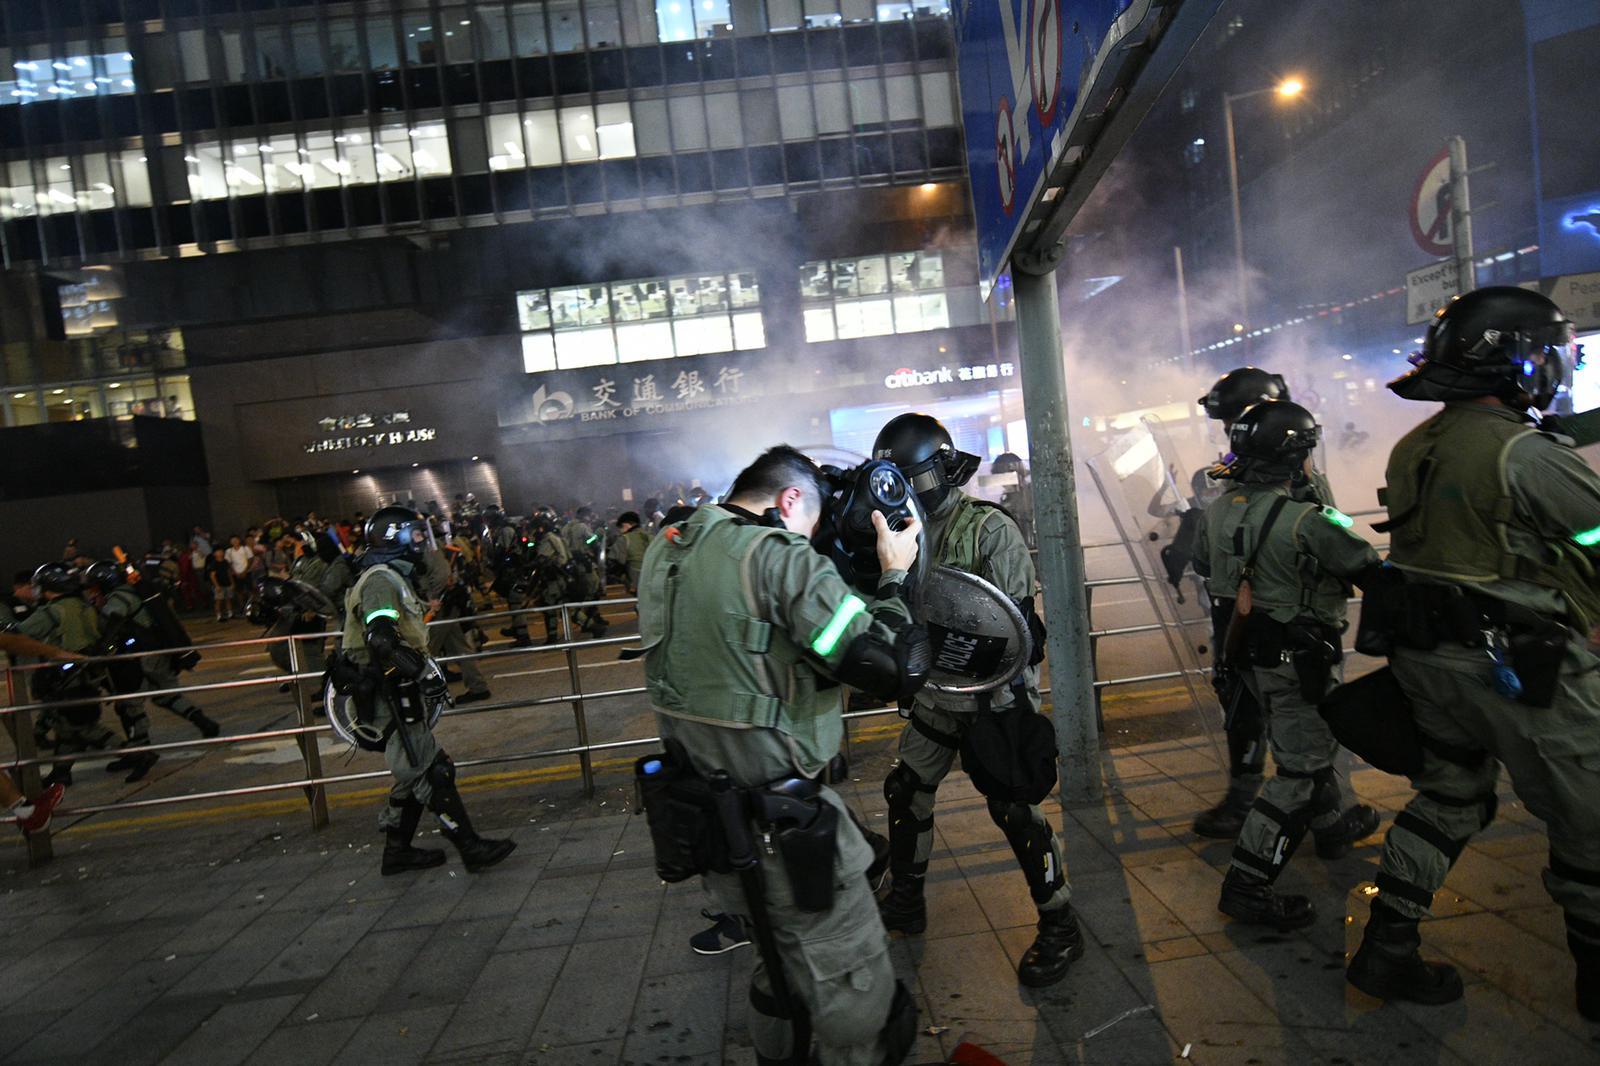 防暴警察未及佩戴防毒面罩。